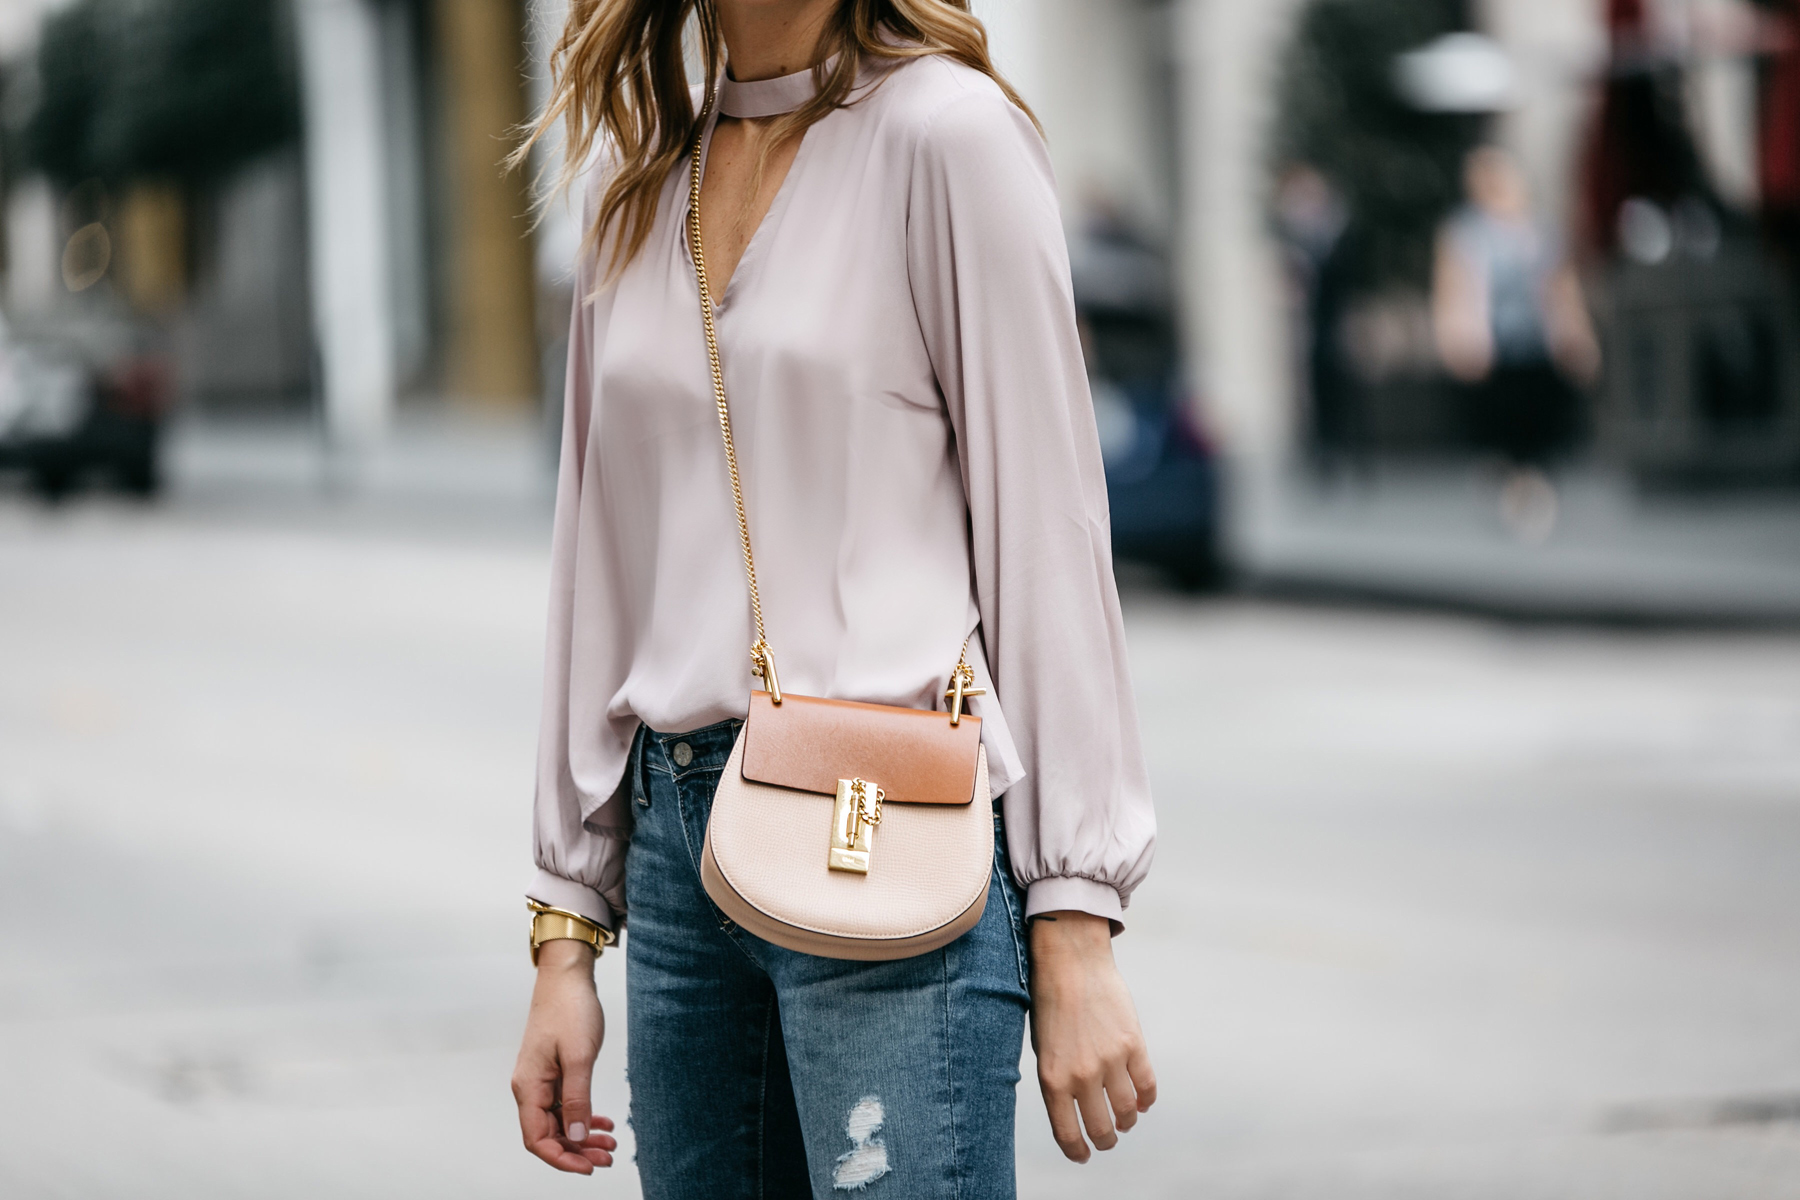 3a838993e466 Один из самых женственных и романтичных брендов подарил нам сумку-икону  Drew. Честно говоря, сумки Chloe ...